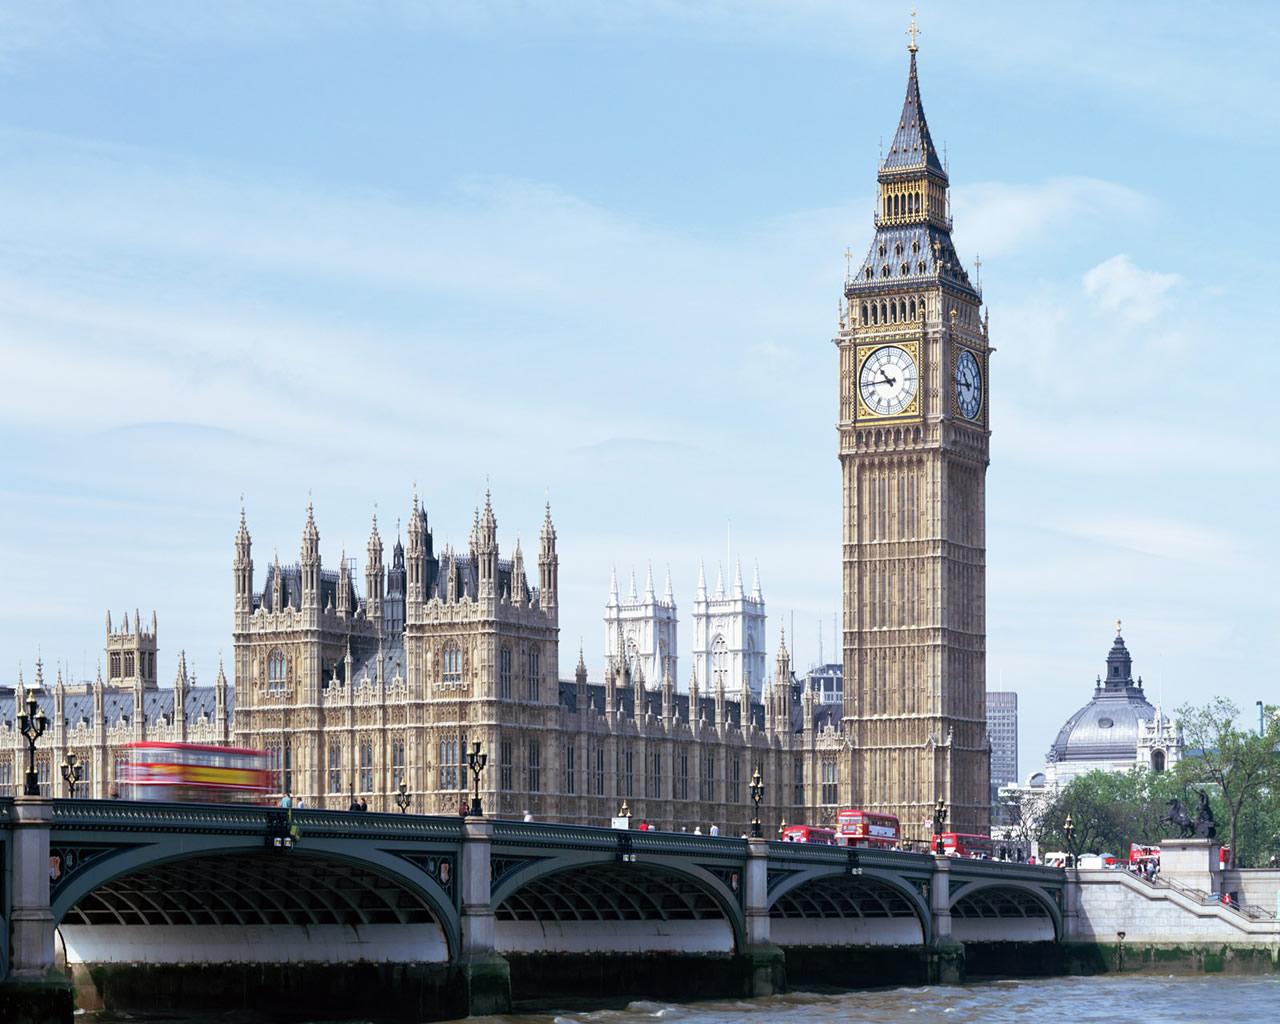 時代の変化 ①国を越えて大学に通う 1年で125万円も安い!? ポーランドに住みロンドンの大学へ通う大学生